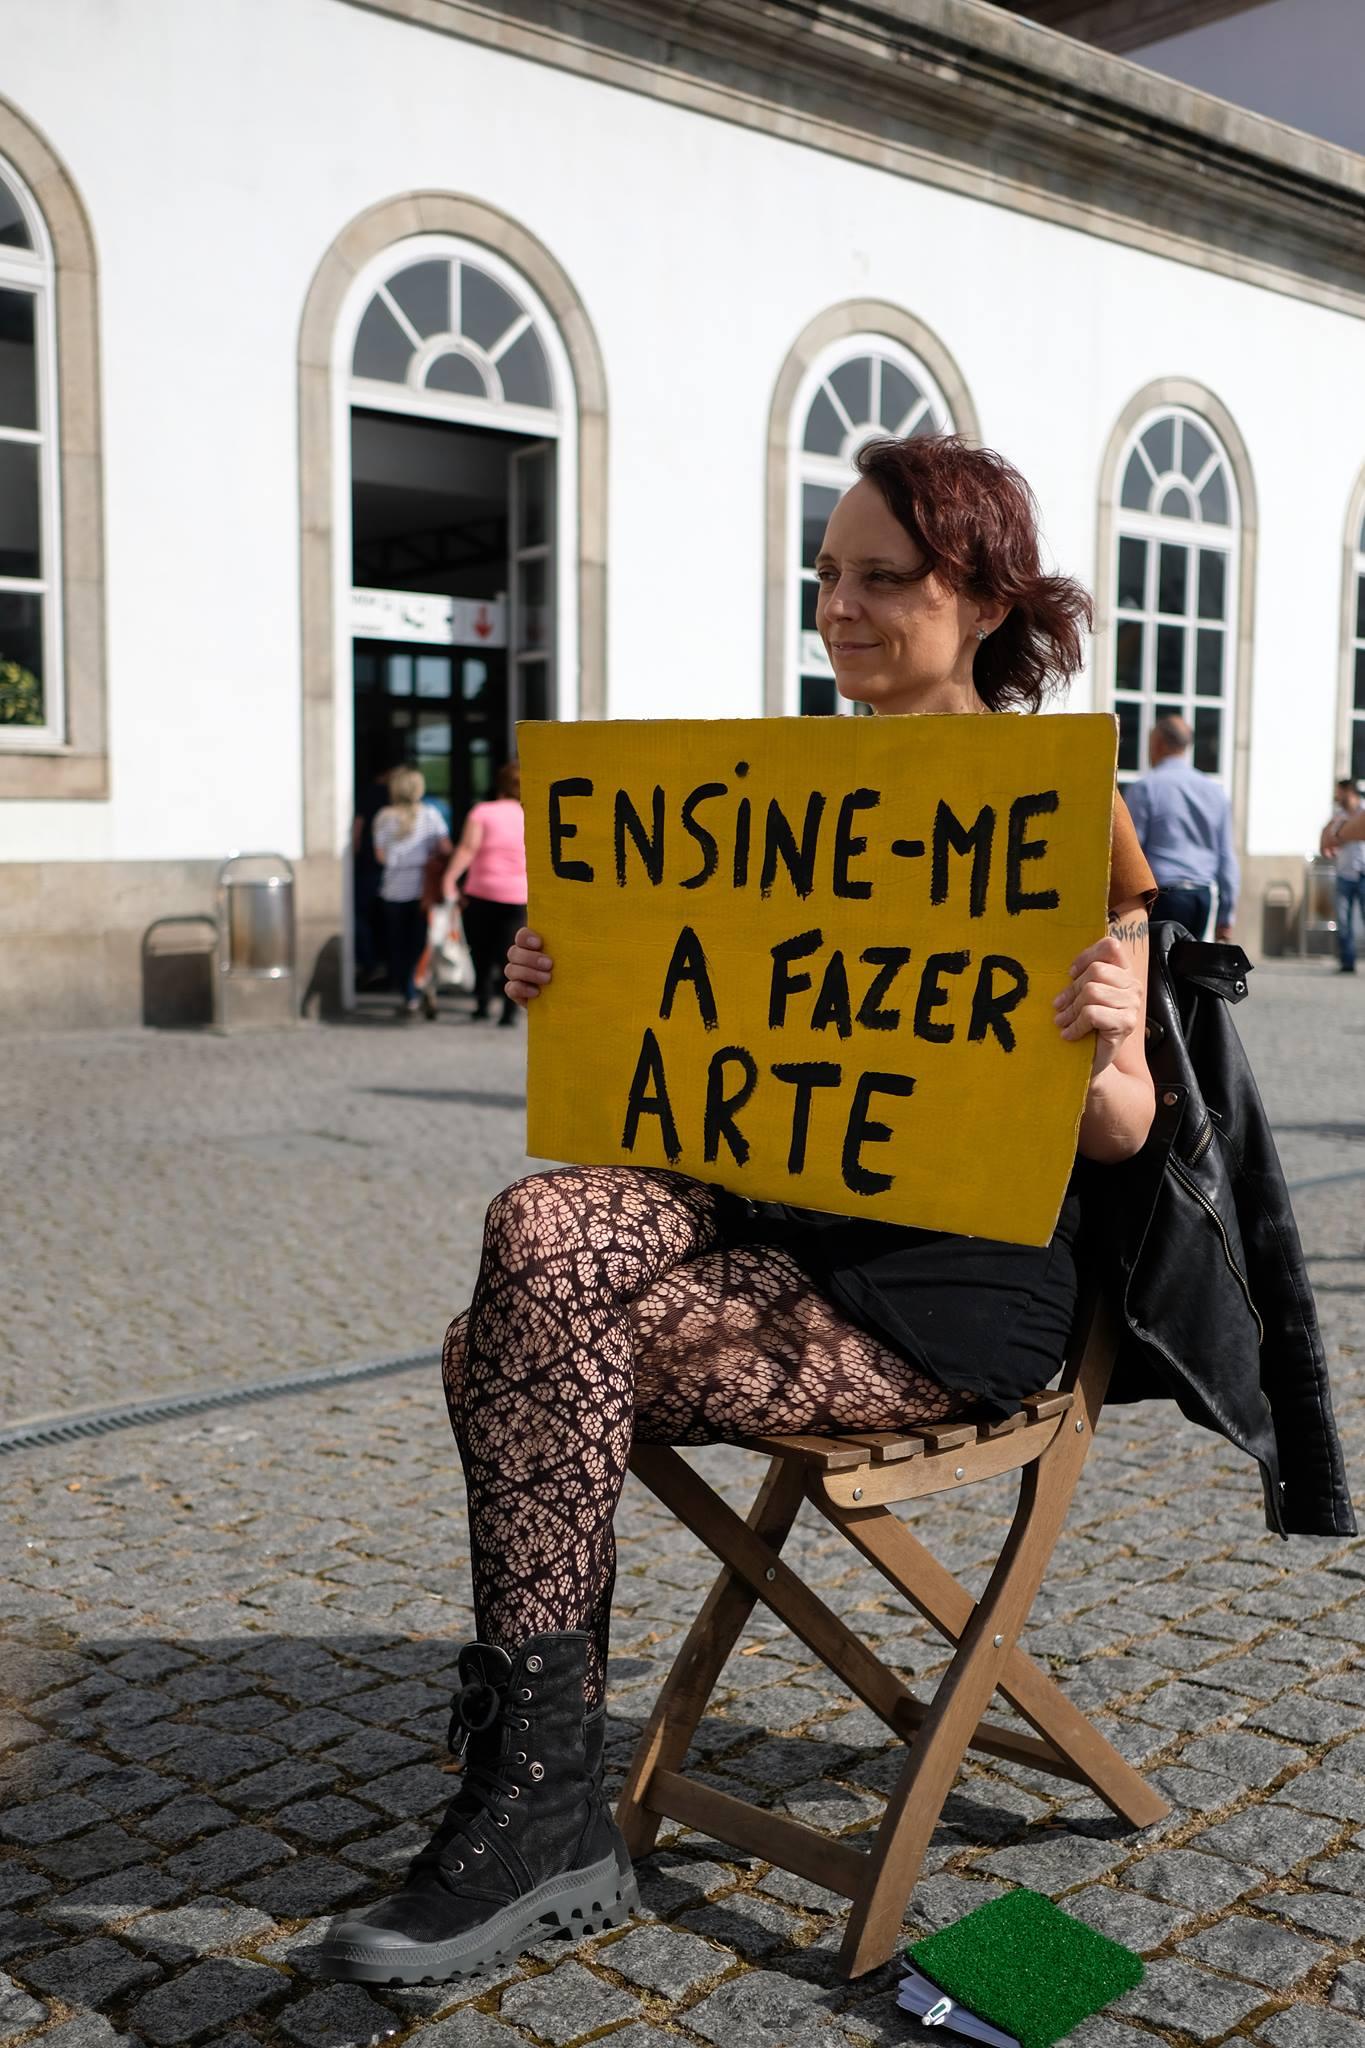 ENSINE-ME A FAZER ARTE